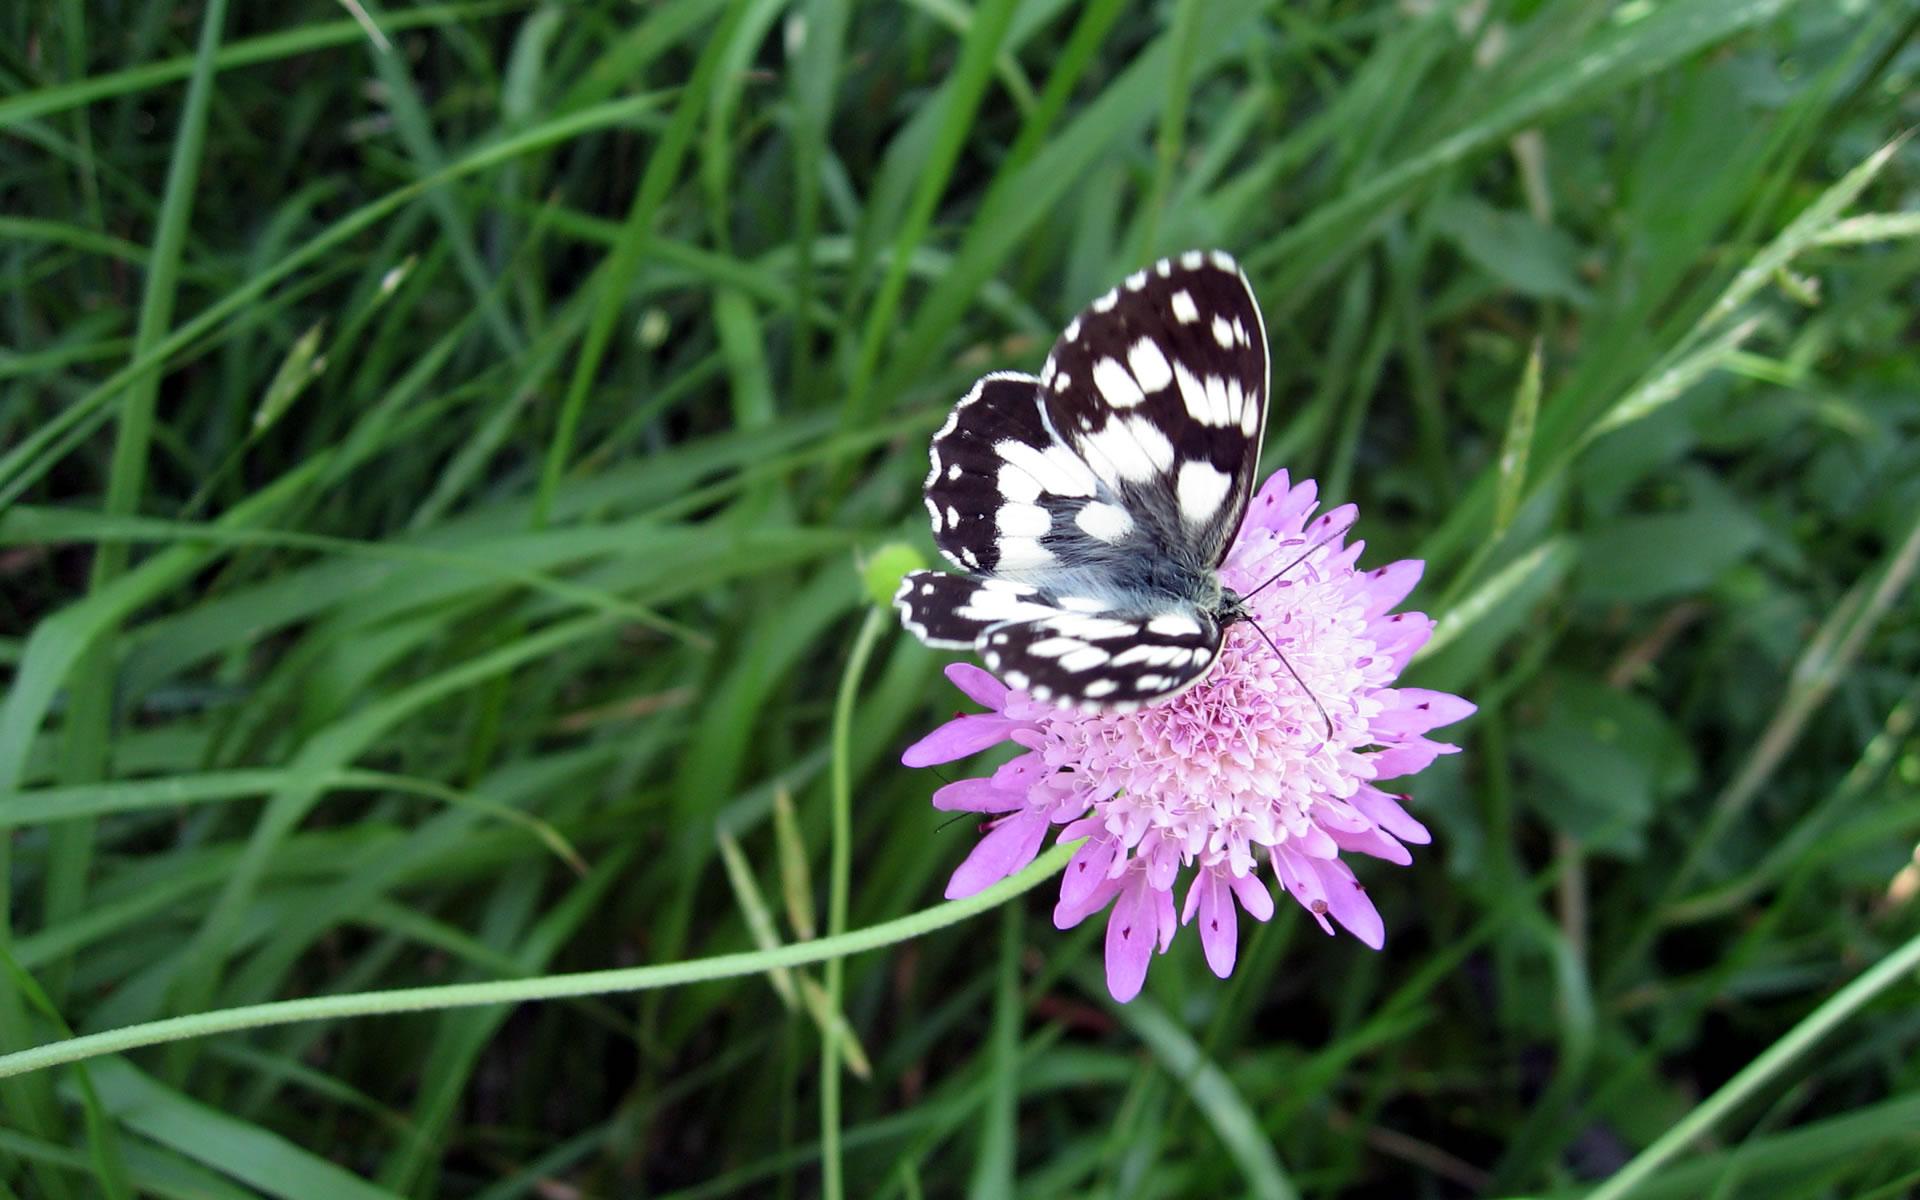 Butterfly Flower Wallpapers Wide Full - Melanargia Galathea , HD Wallpaper & Backgrounds